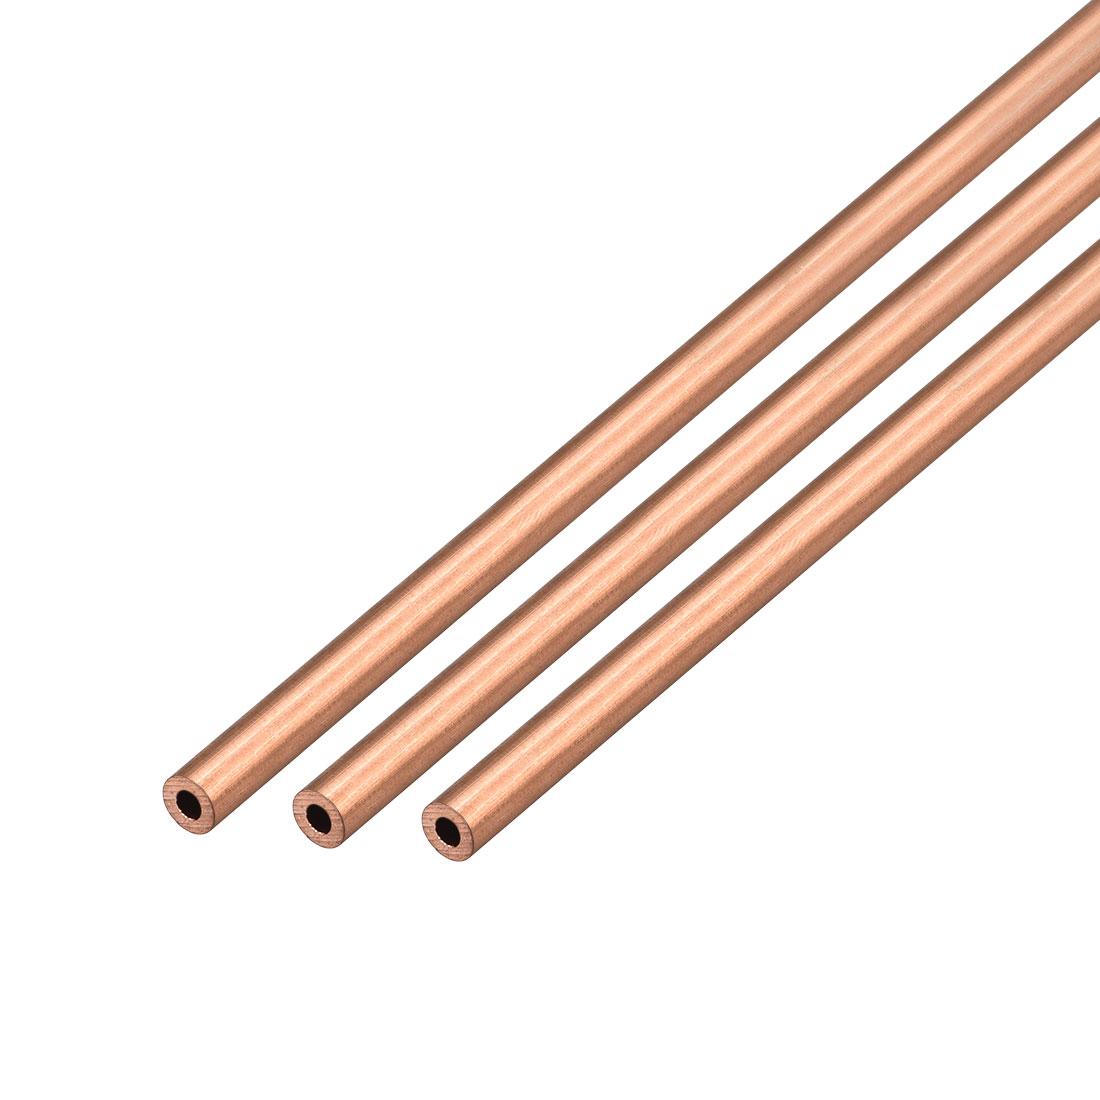 3Pcs 4mm Outside Diameter x 2mm Inside Diameter 500mm Copper Round Tube Pipe